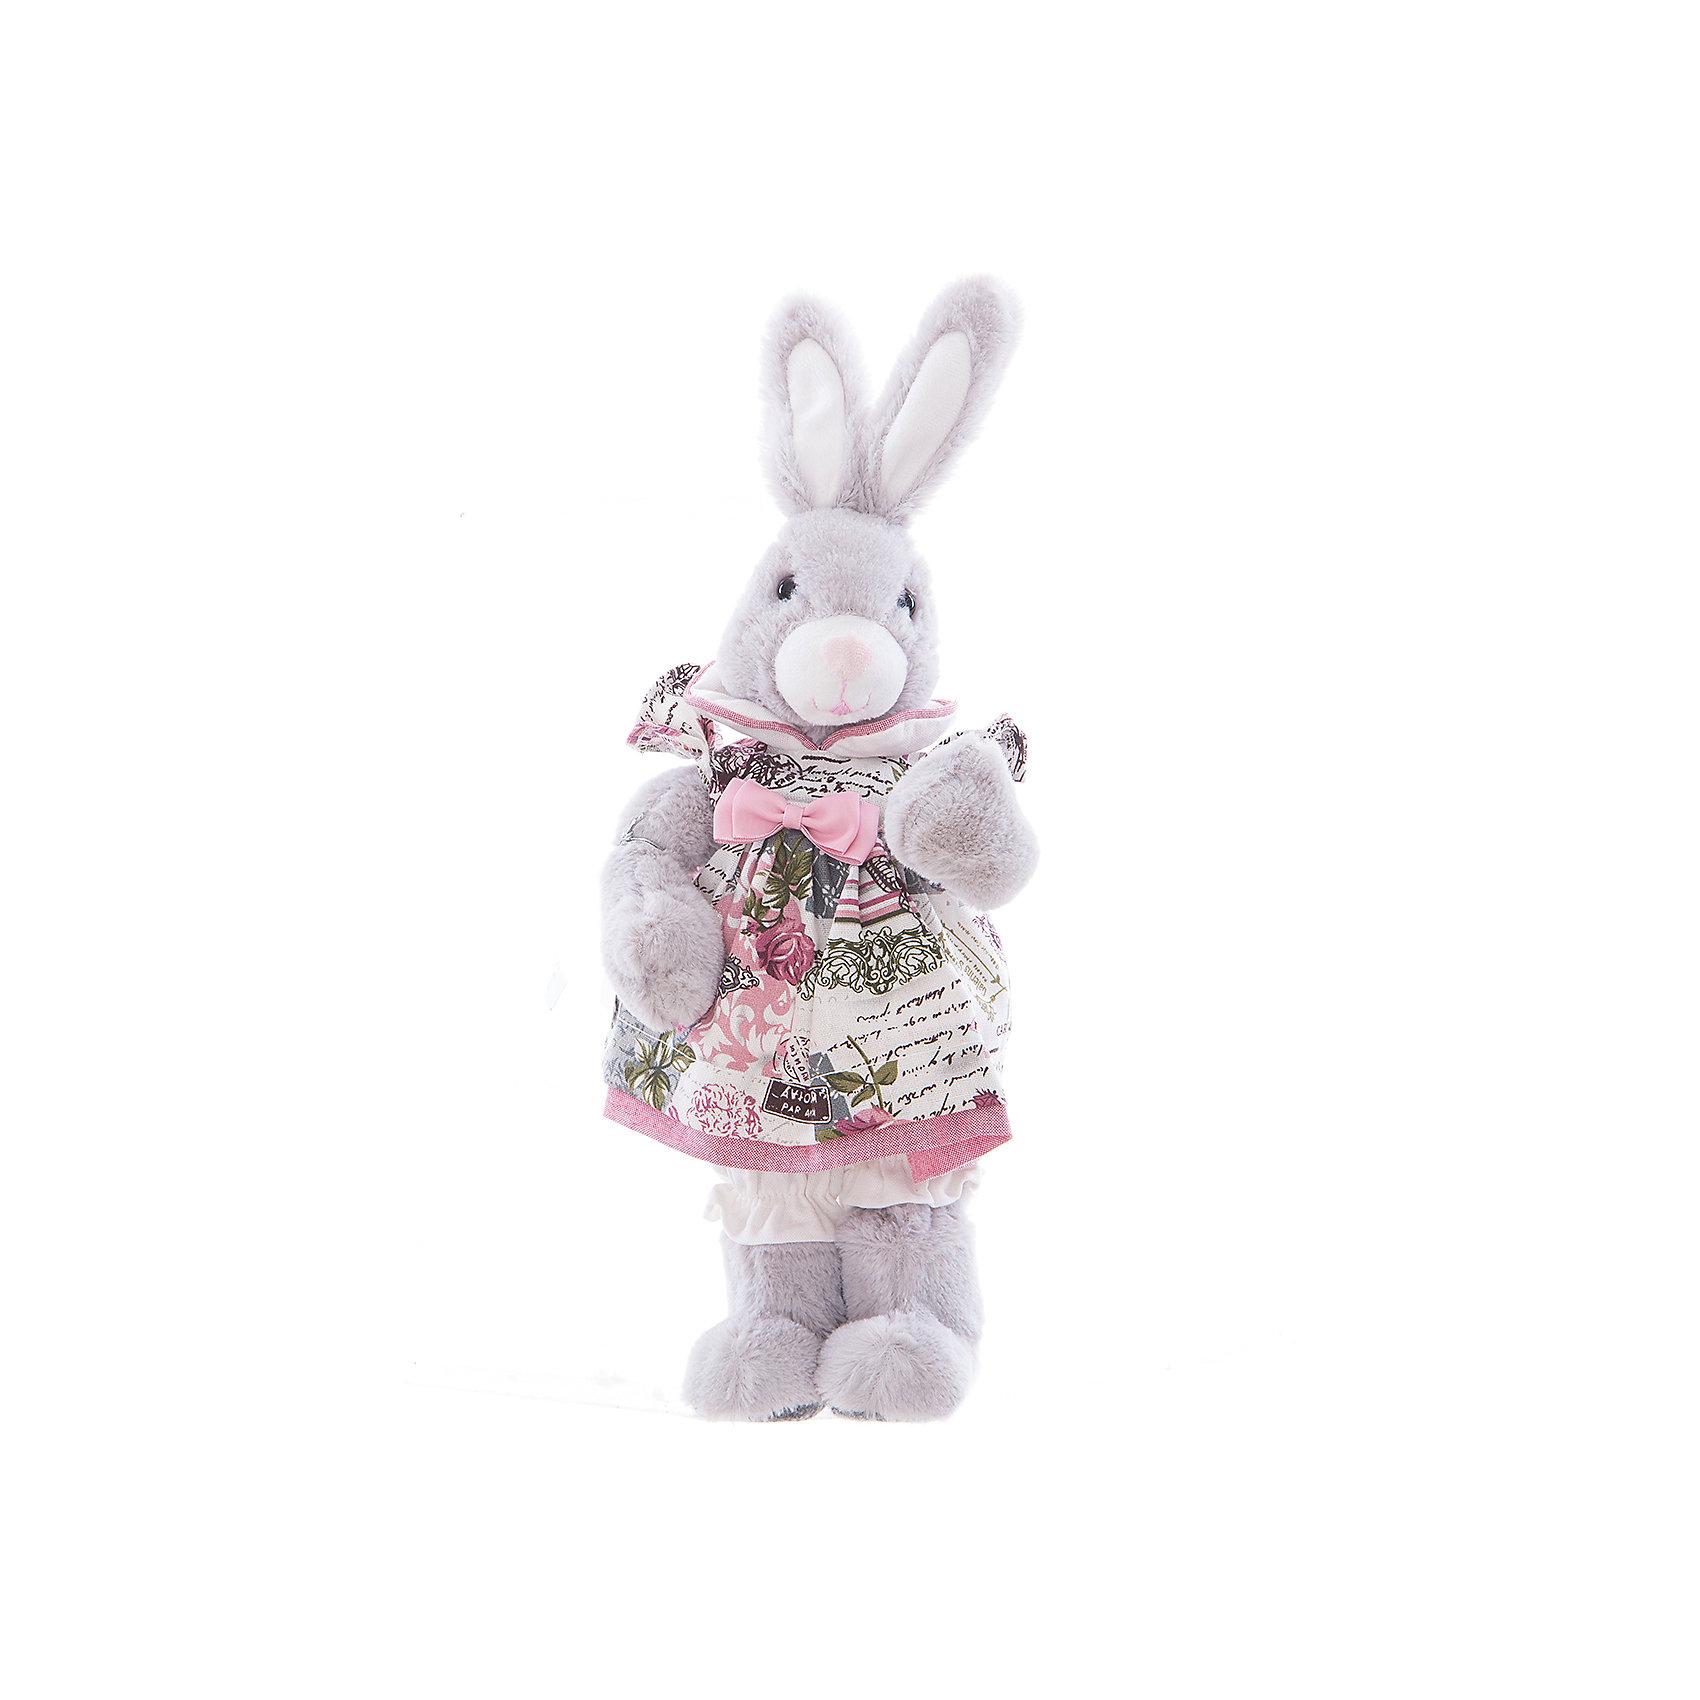 Интерьерная кукла Зайчик C21-168328, EstroПредметы интерьера<br>Характеристики интерьерной куклы:<br><br>- комплектация: игрушка<br>- размеры (высота): 18* 40*12 см. <br>- тип игрушки: животные, мягкая игрушка<br>- персонаж: заяц<br>- вид упаковки: коробка<br>- возрастные ограничения: 3+<br>- состав: дерево, полиэстер, текстиль, полиэфир, пластик,<br>- стиль: классический, прованс<br>- материал изготовления: высококачественный пластик, полиэстер, ткань<br>- бред: Estro<br>- страна бренда: Италия<br>- страна производитель: Китай<br><br>Серая зайчиха в цветном платье от торговой марки Estro дизайн изделия тщательно проработан. Все составляющие тщательно подогнаны и отлично подходят друг к другу. Выбранная кукла торговой марки Estro превосходно подойдет под Ваш интерьер. Выбранная кукла будет приятной покупкой или презентом родным, состоит из материалов отличного качества красивой палитры. Великолепная кукла является хорошим вариантом для любой коллекции. <br><br>Интерьерную куклу заяц итальянской торговой марки Estro можно купить в нашем интернет-магазине.<br><br>Ширина мм: 100<br>Глубина мм: 150<br>Высота мм: 400<br>Вес г: 328<br>Возраст от месяцев: 36<br>Возраст до месяцев: 1188<br>Пол: Женский<br>Возраст: Детский<br>SKU: 5356613